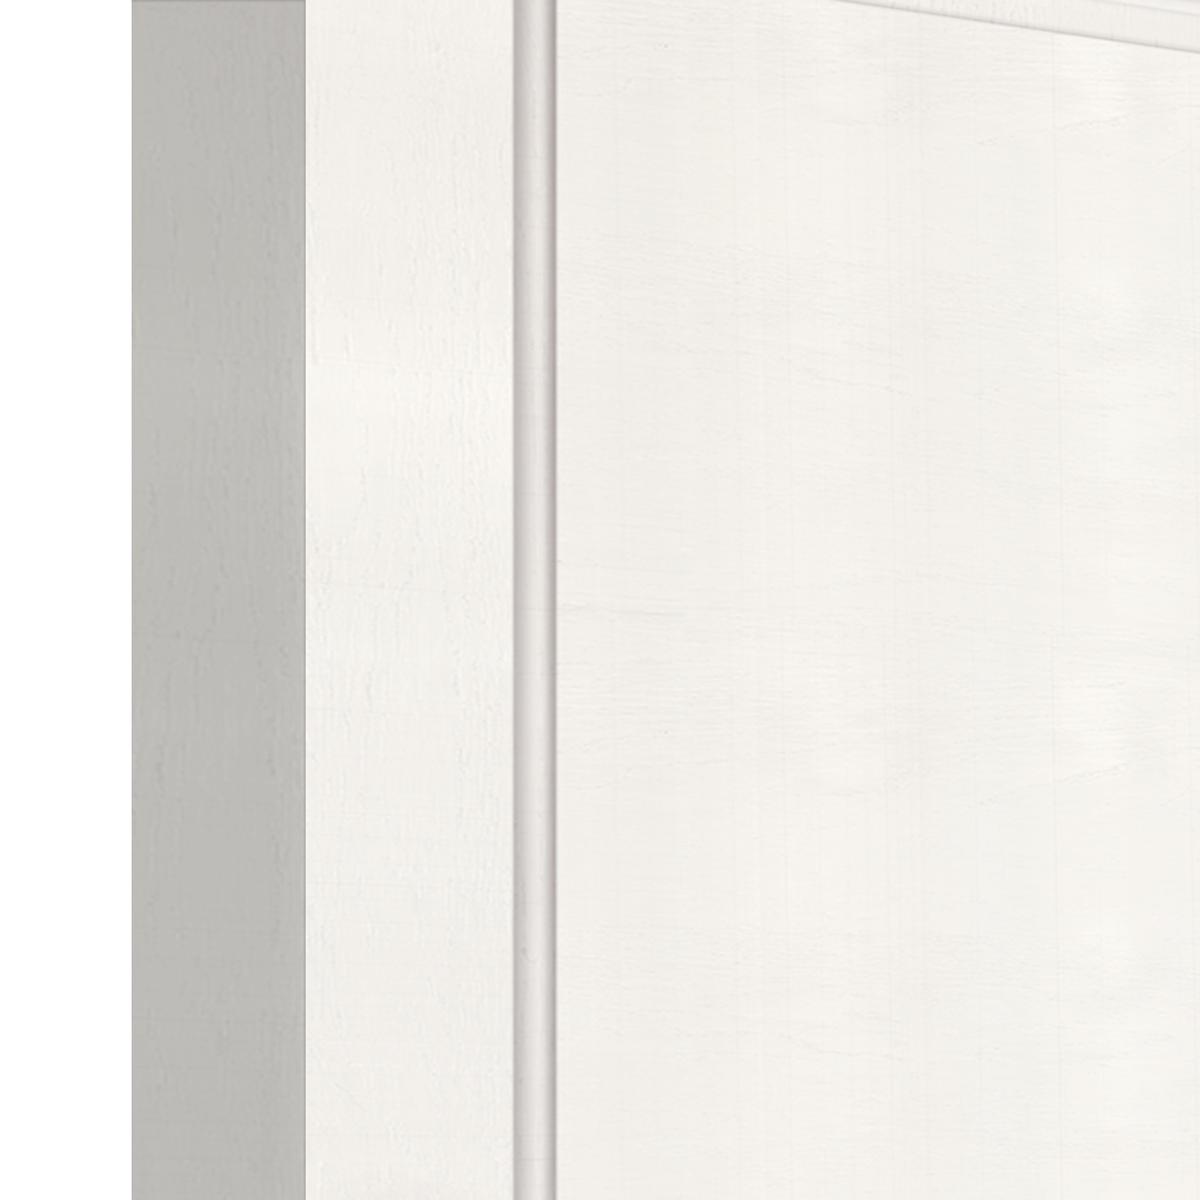 Дверь Межкомнатная Глухая «Летиция» 60x200 Пвх Цвет Дуб Пломбир С Фурнитурой